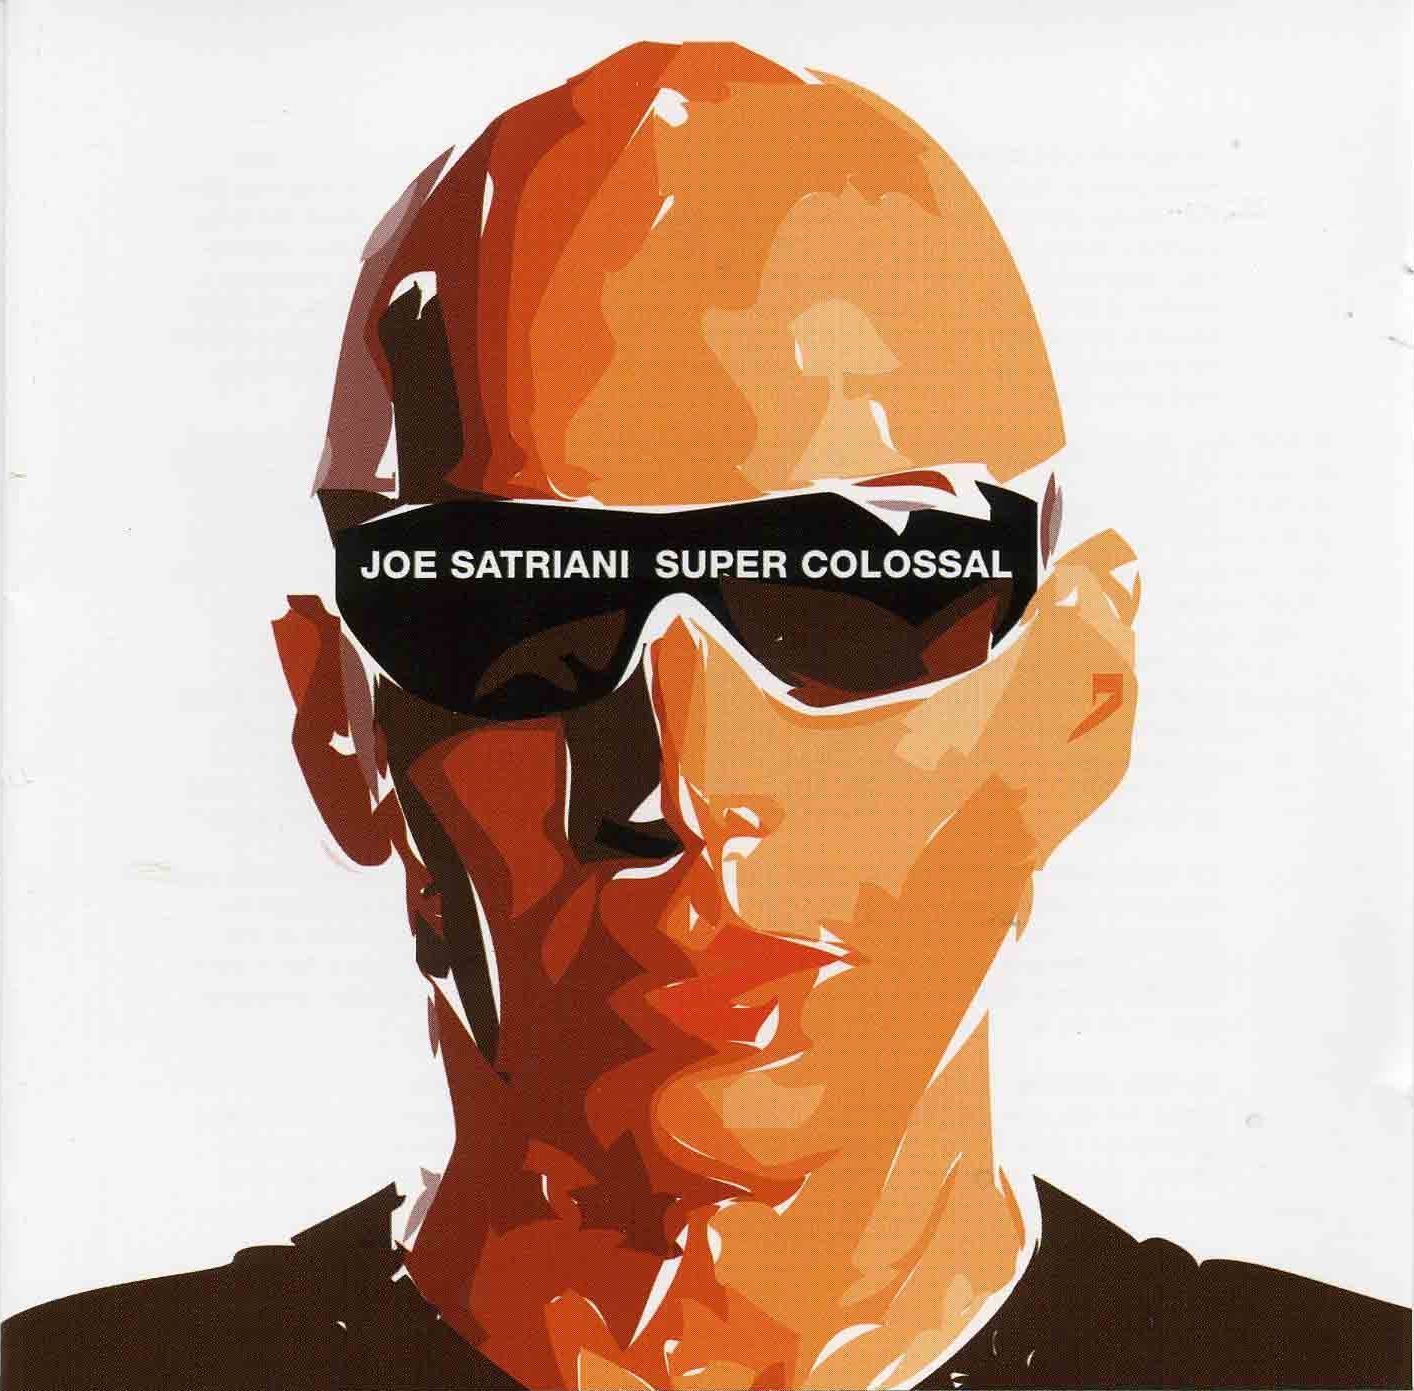 Joe Satriani - Super Colossal album cover